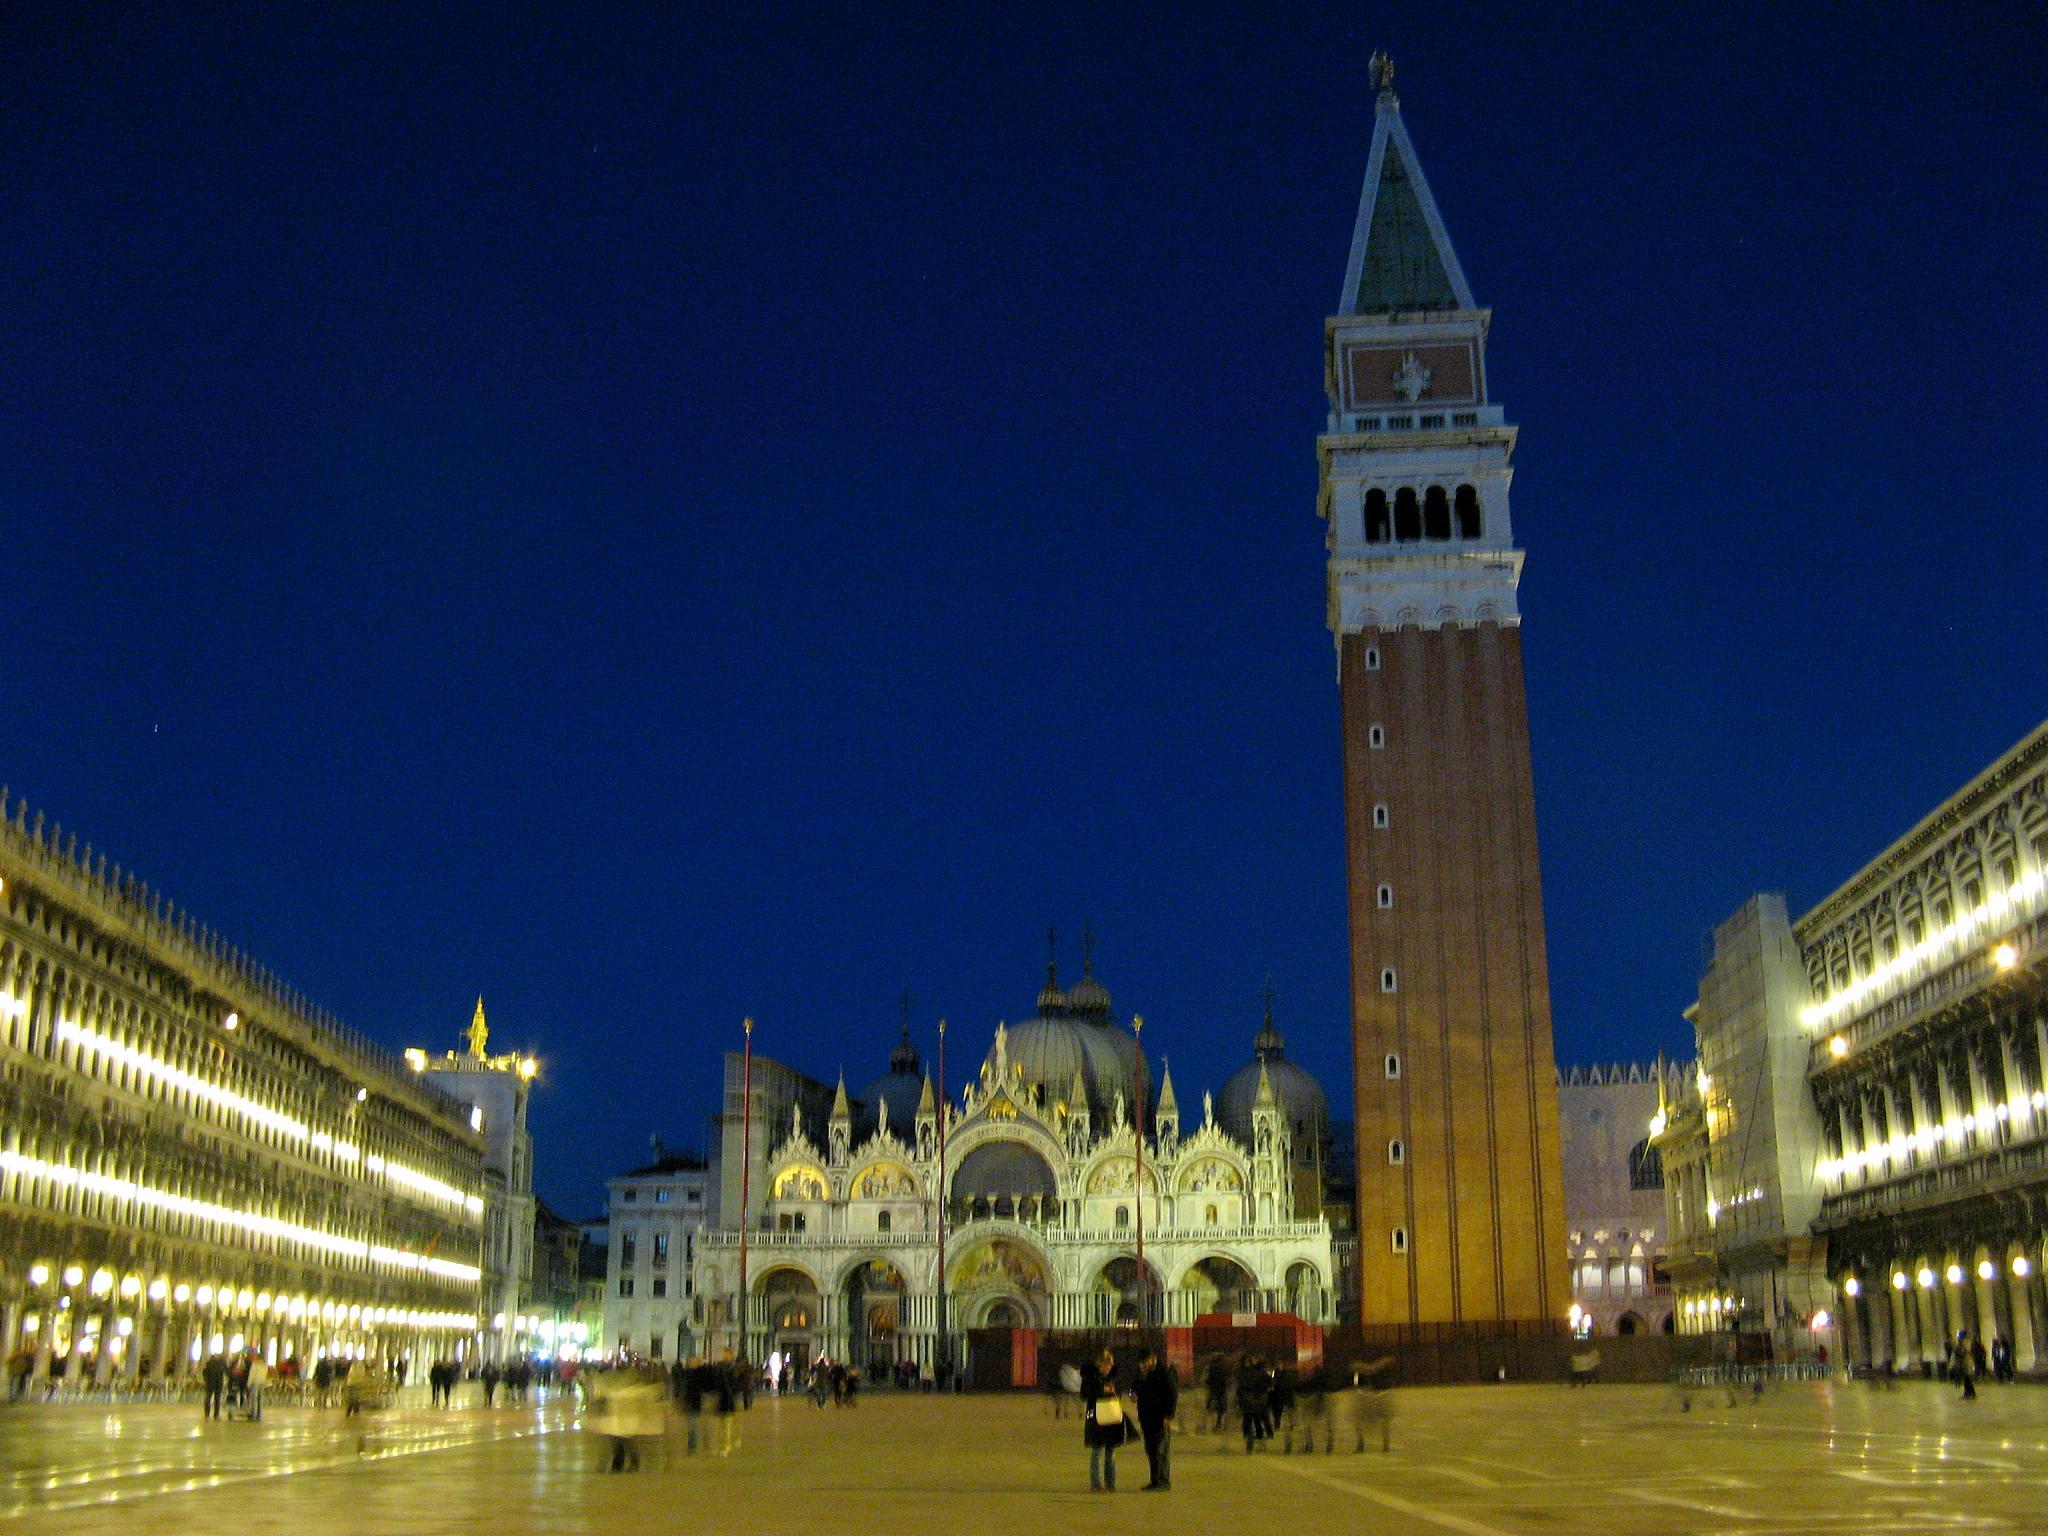 威尼斯聖馬可廣場